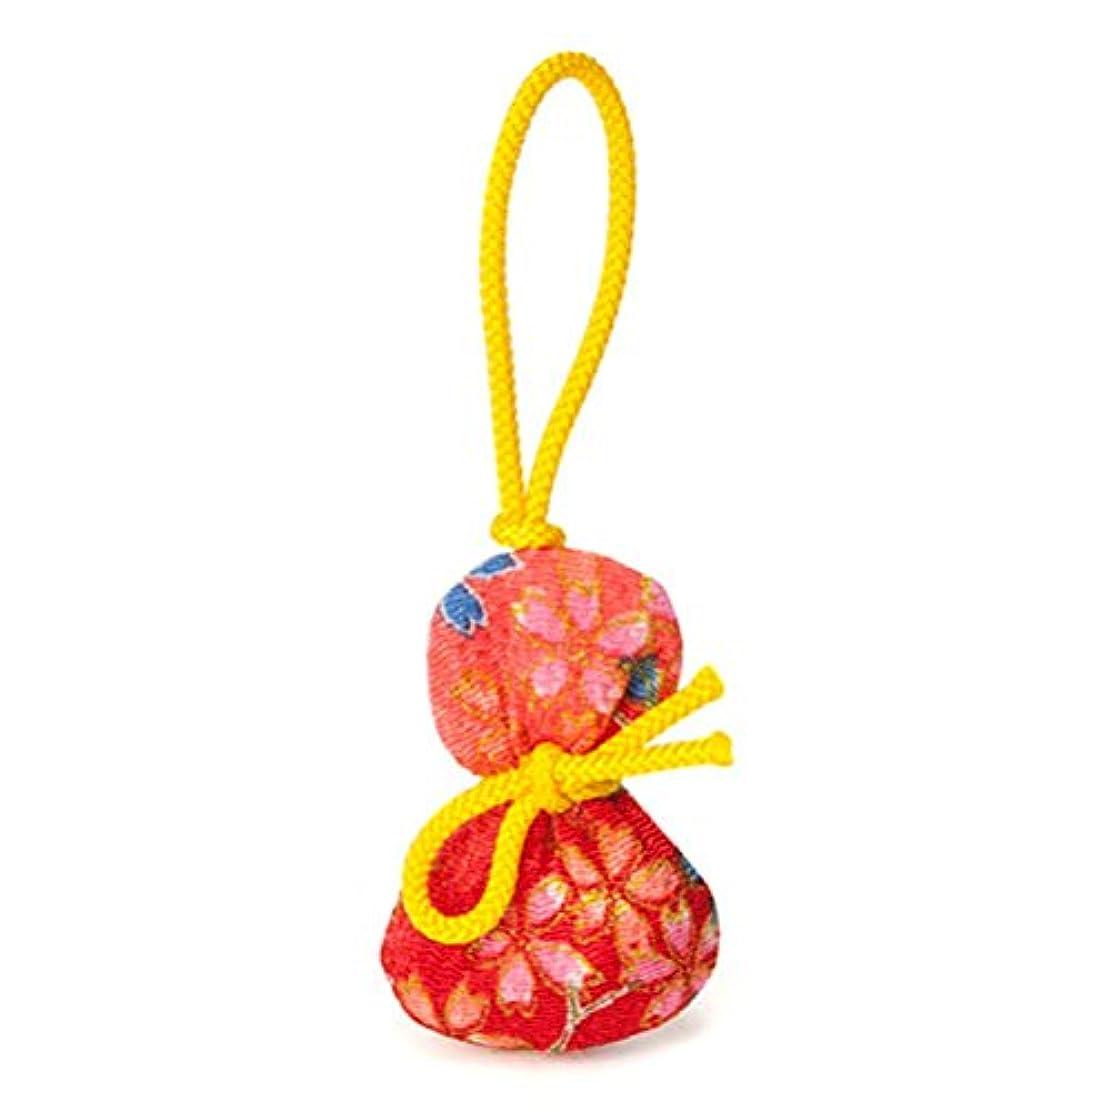 広告主通知するメキシコ松栄堂 匂い袋 誰が袖 ふくべ 1個入 ケースなし (柄か無地をお選びください) (柄)